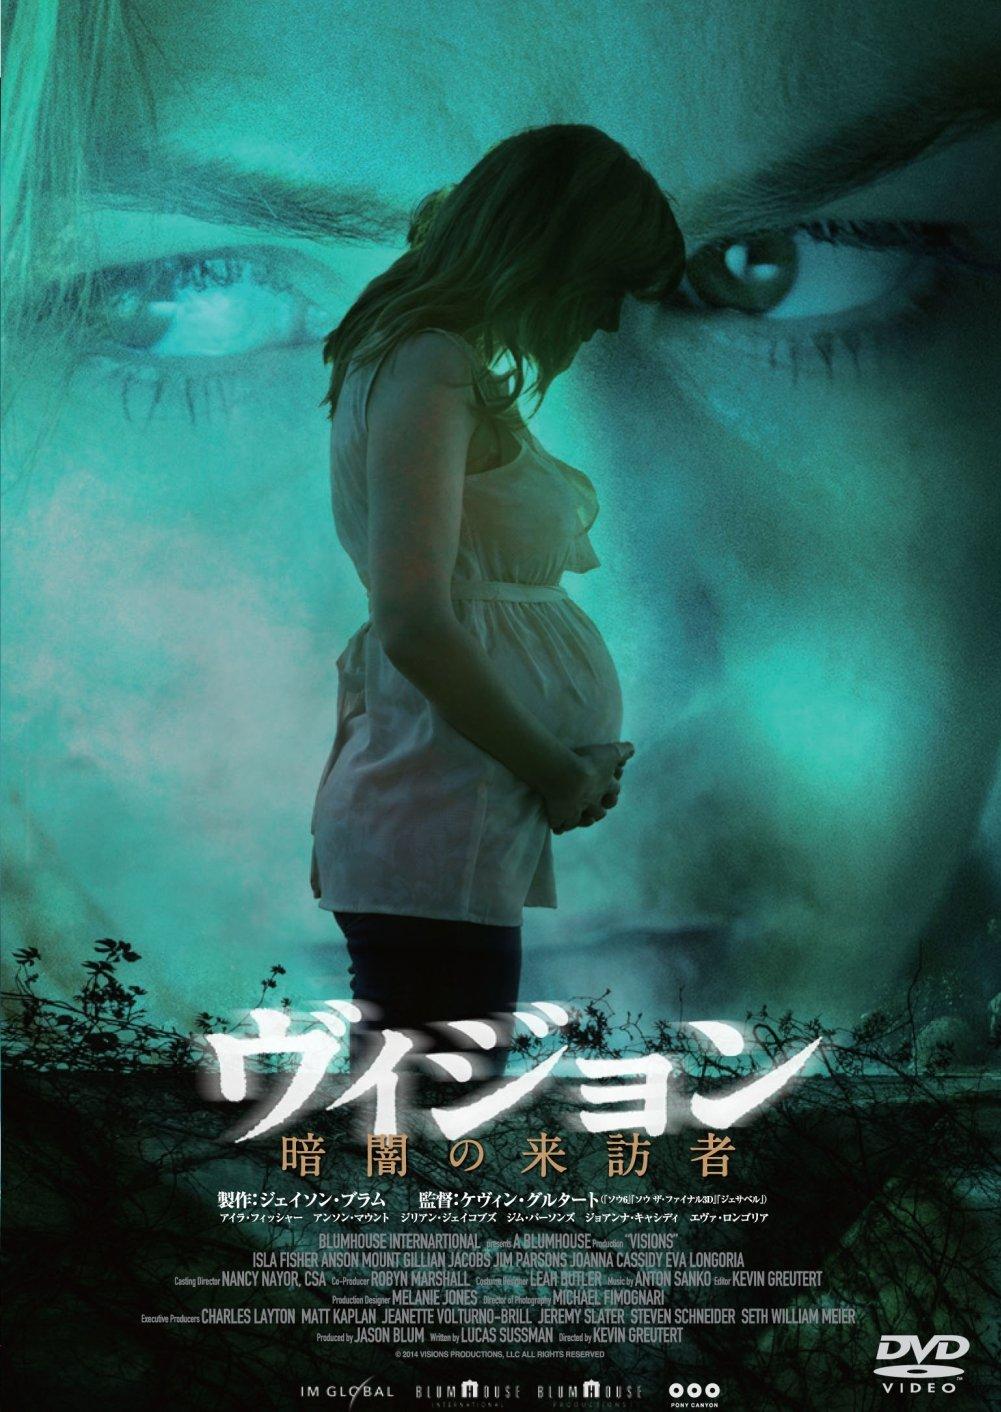 ヴィジョン 暗闇の来訪者 [Amazon DVD]